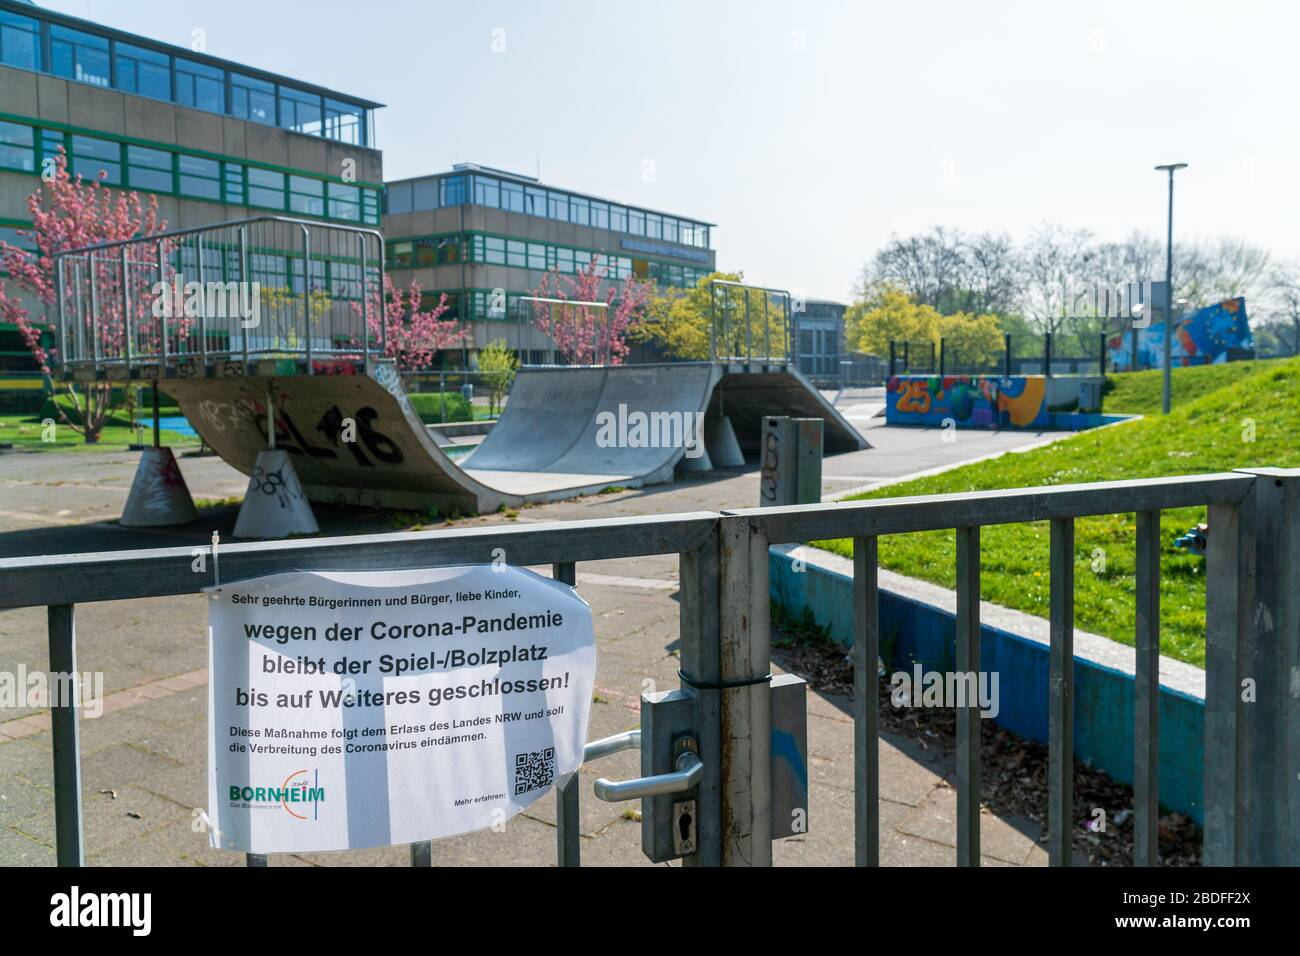 Bornheim, Renania del Norte-Westfalia, Alemania - 7 de abril de 2020: Escuela Europea local (Europaschule) con parque de patinaje cerrado debido al virus mundial de la corona Foto de stock